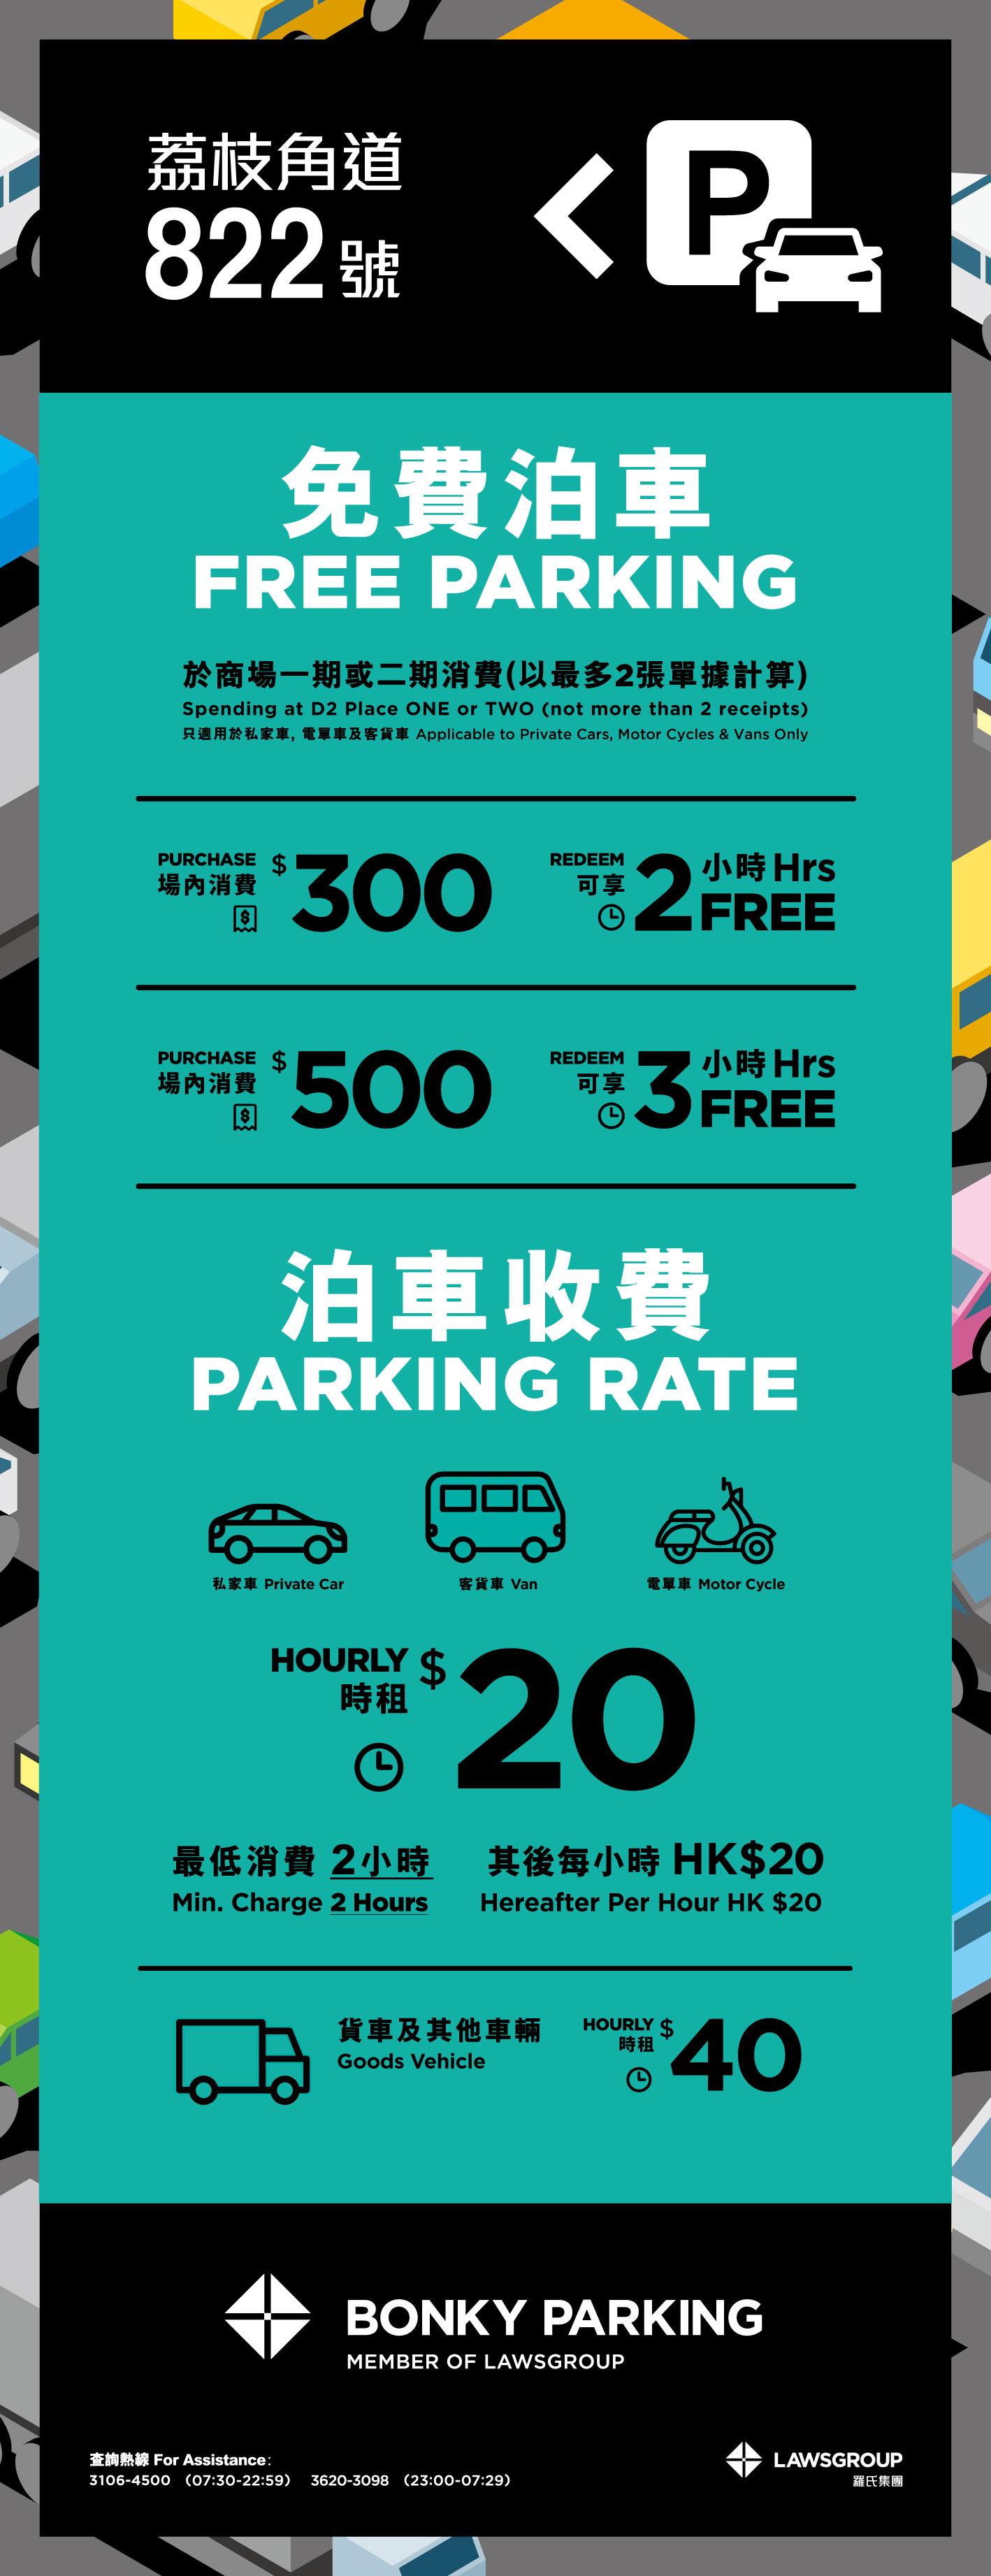 20190715_D2Place2_Parking-signage_v1.jpg